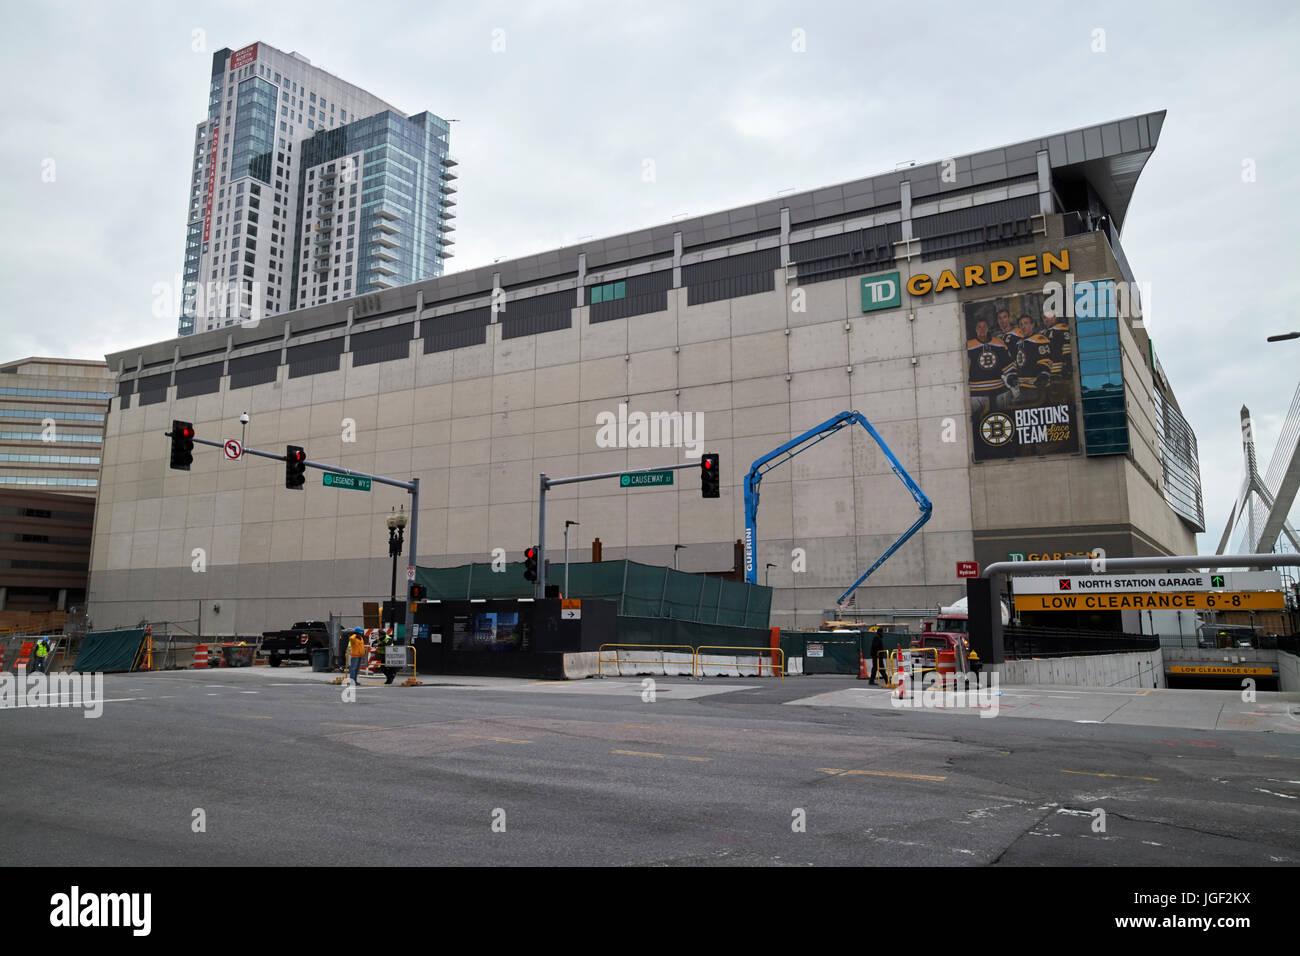 TD Garden Arena Boston, EE.UU. Imagen De Stock